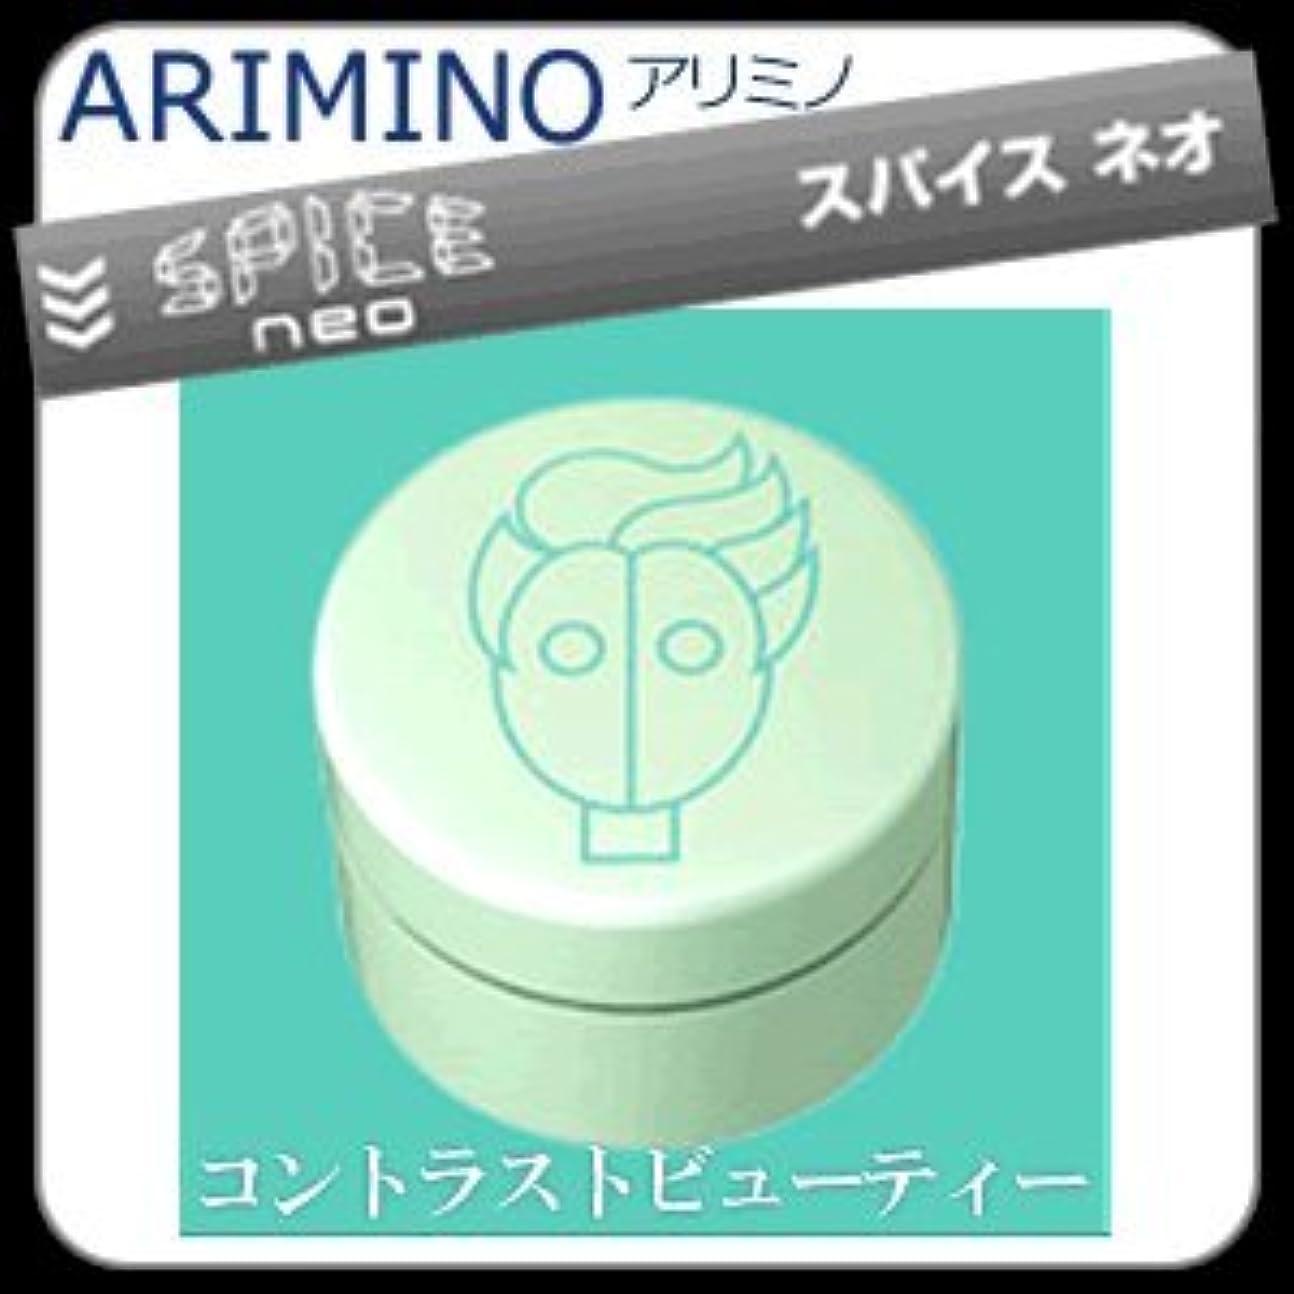 物理的にエゴイズム通り抜ける【X5個セット】 アリミノ スパイスネオ GREASE-WAX グリースワックス 100g ARIMINO SPICE neo